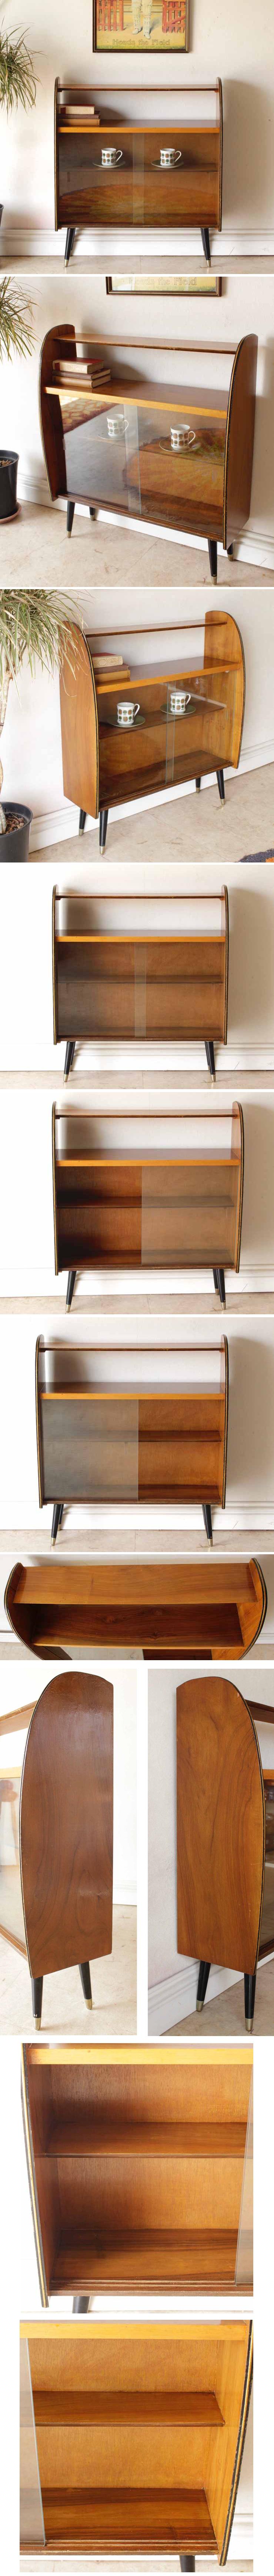 イギリス製アンティーク・ディスプレイキャビネット・ブックケース【ガラス】本棚/ビンテージ家具・年代物